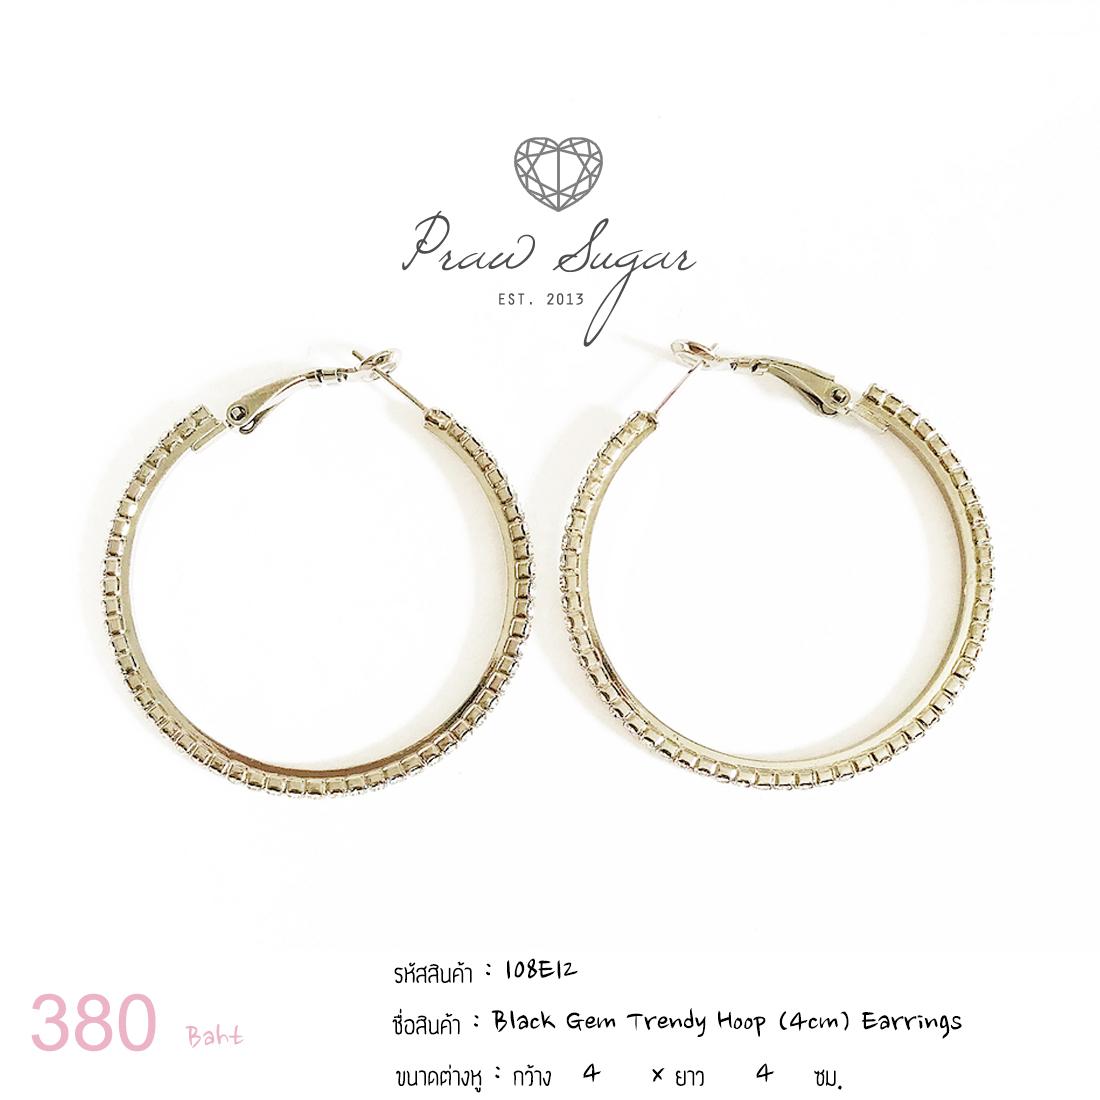 Black Gem Trendy Hoop (4cm) Earrings